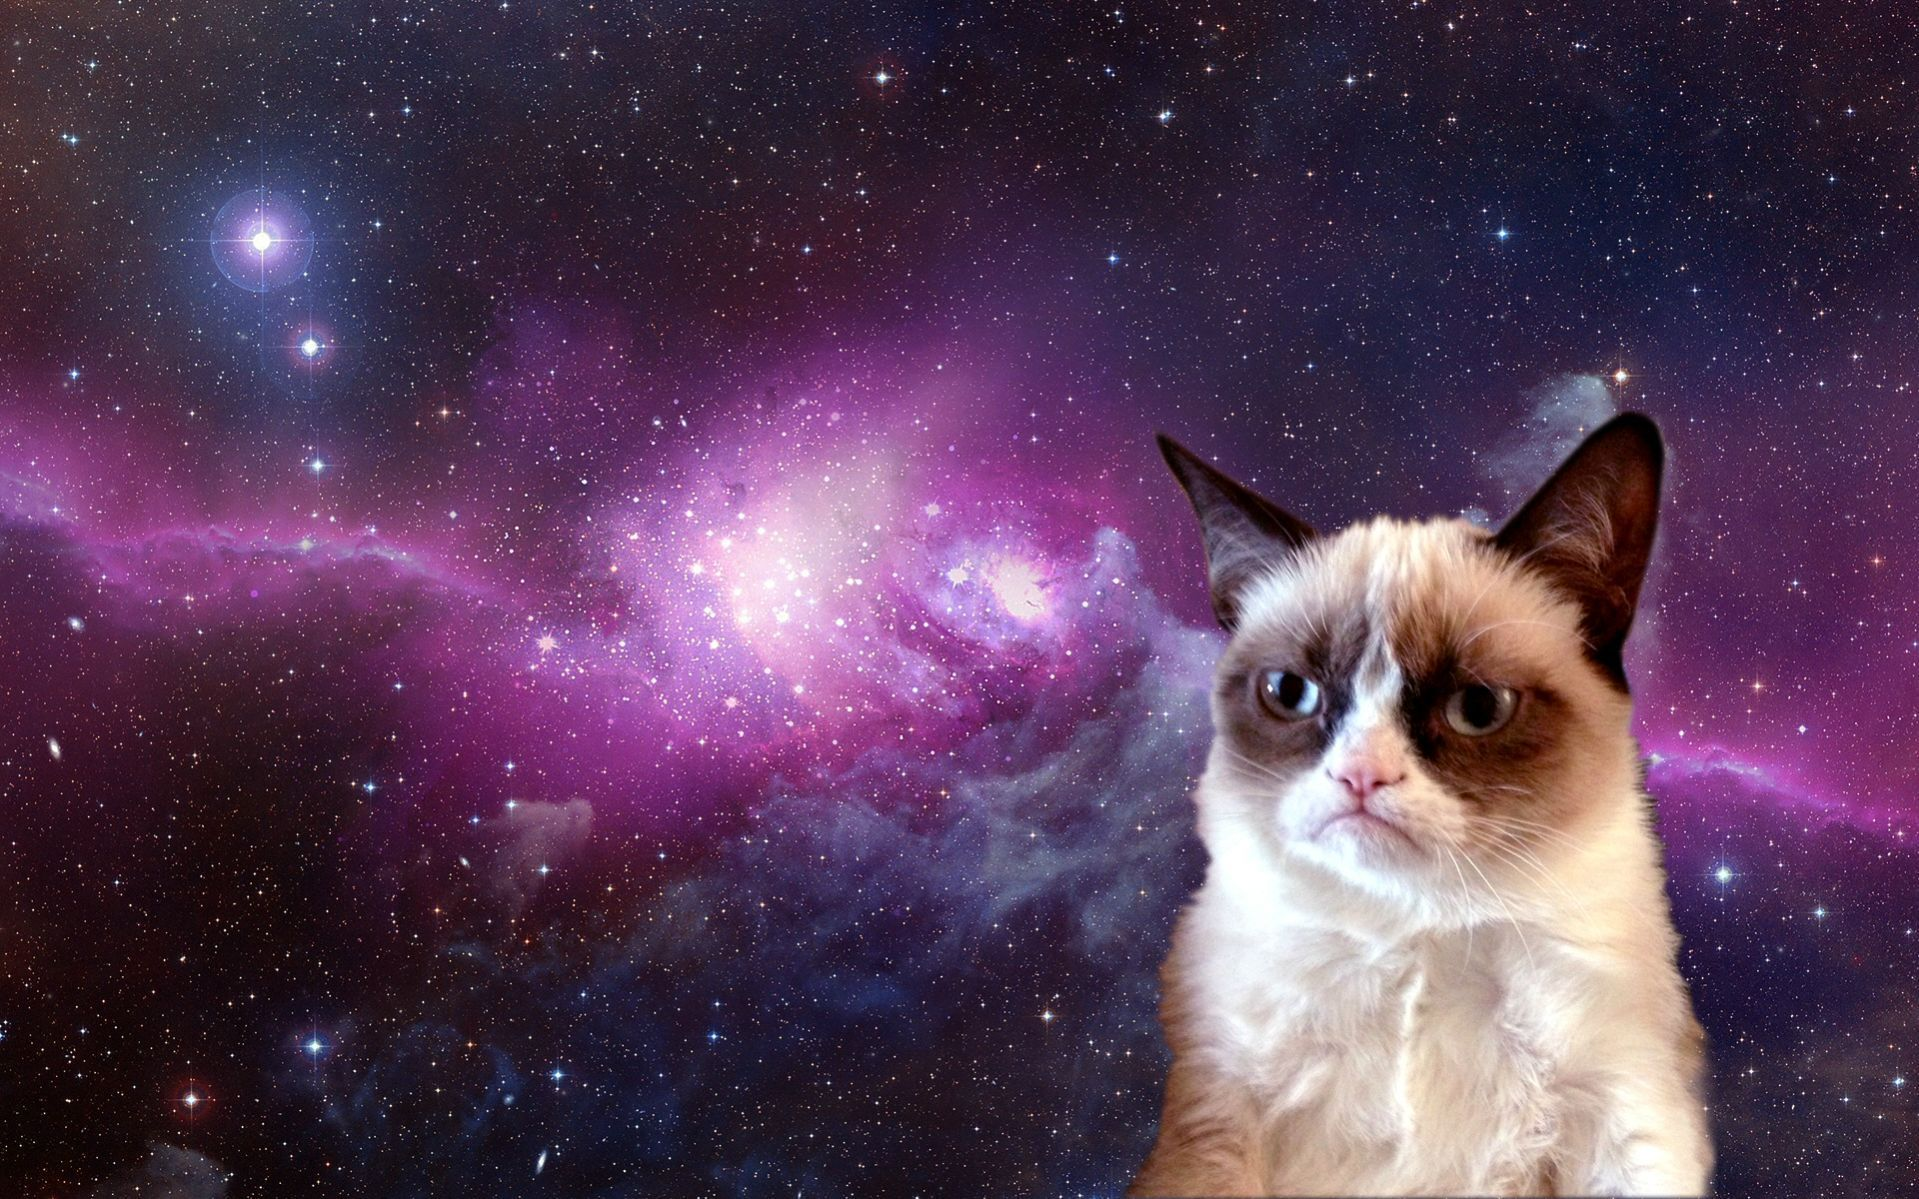 Grumpy Cat Desktop Wallpaper Grumpy Cat Pictures Hd Wallpapers I Am An Of Grumpy Cat Humor Cat Wallpaper Cat Pics